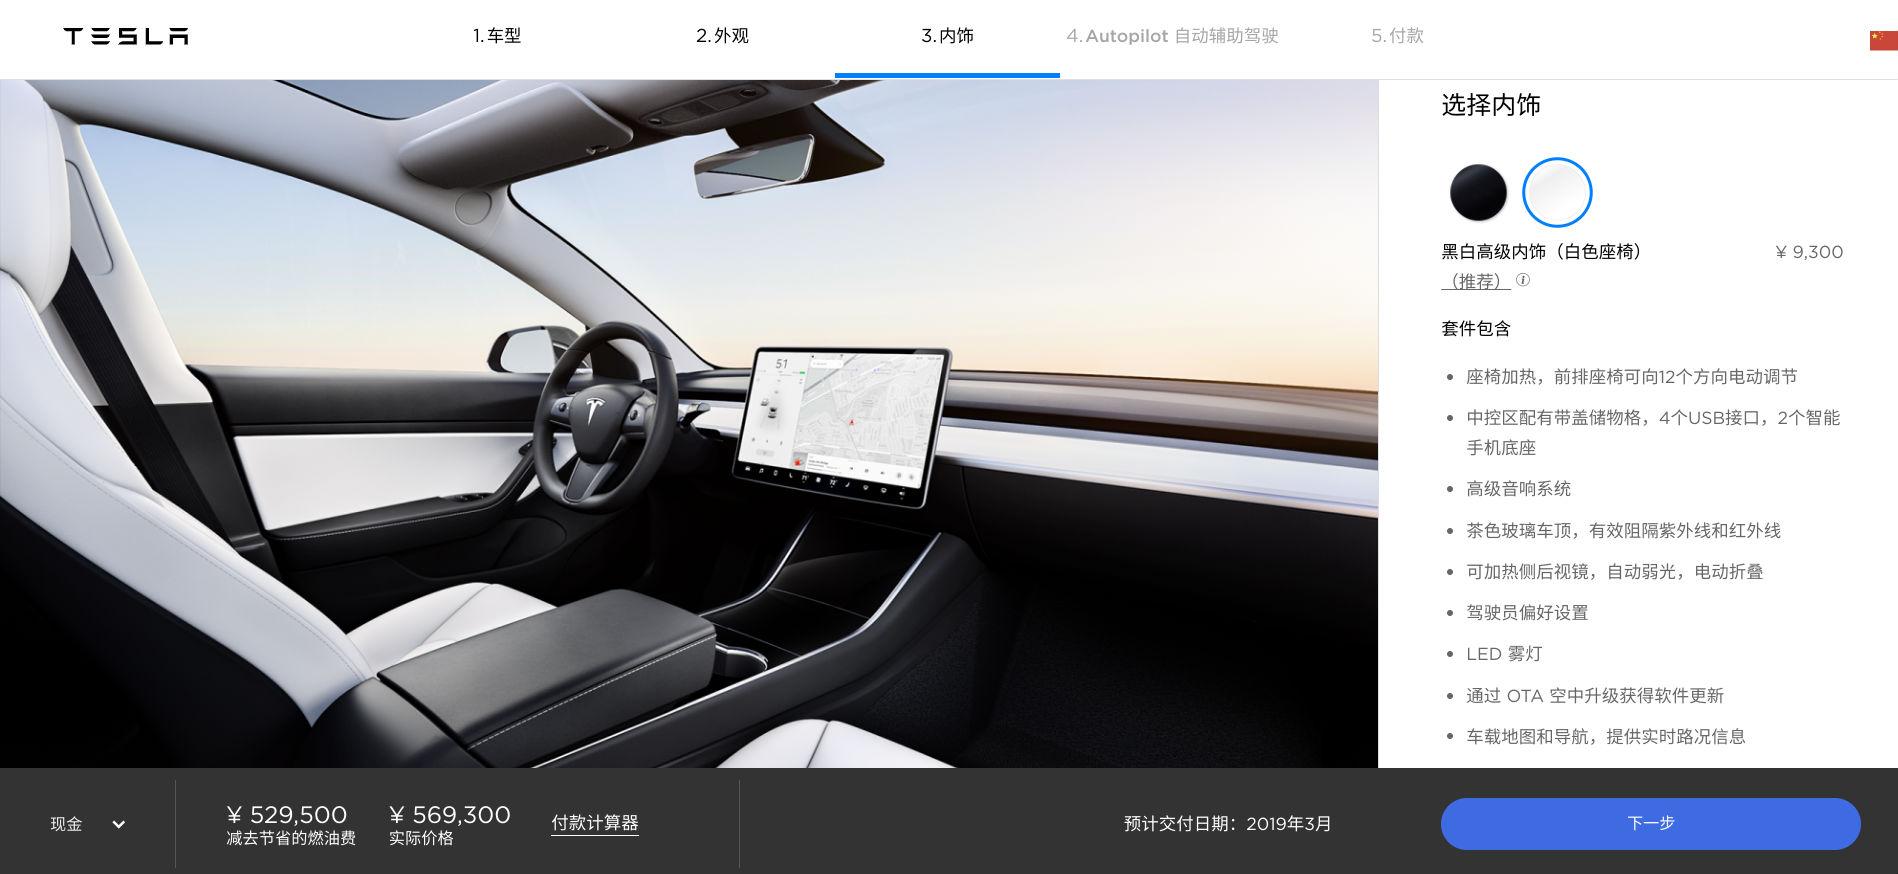 model-3-configurator-china-interior-white